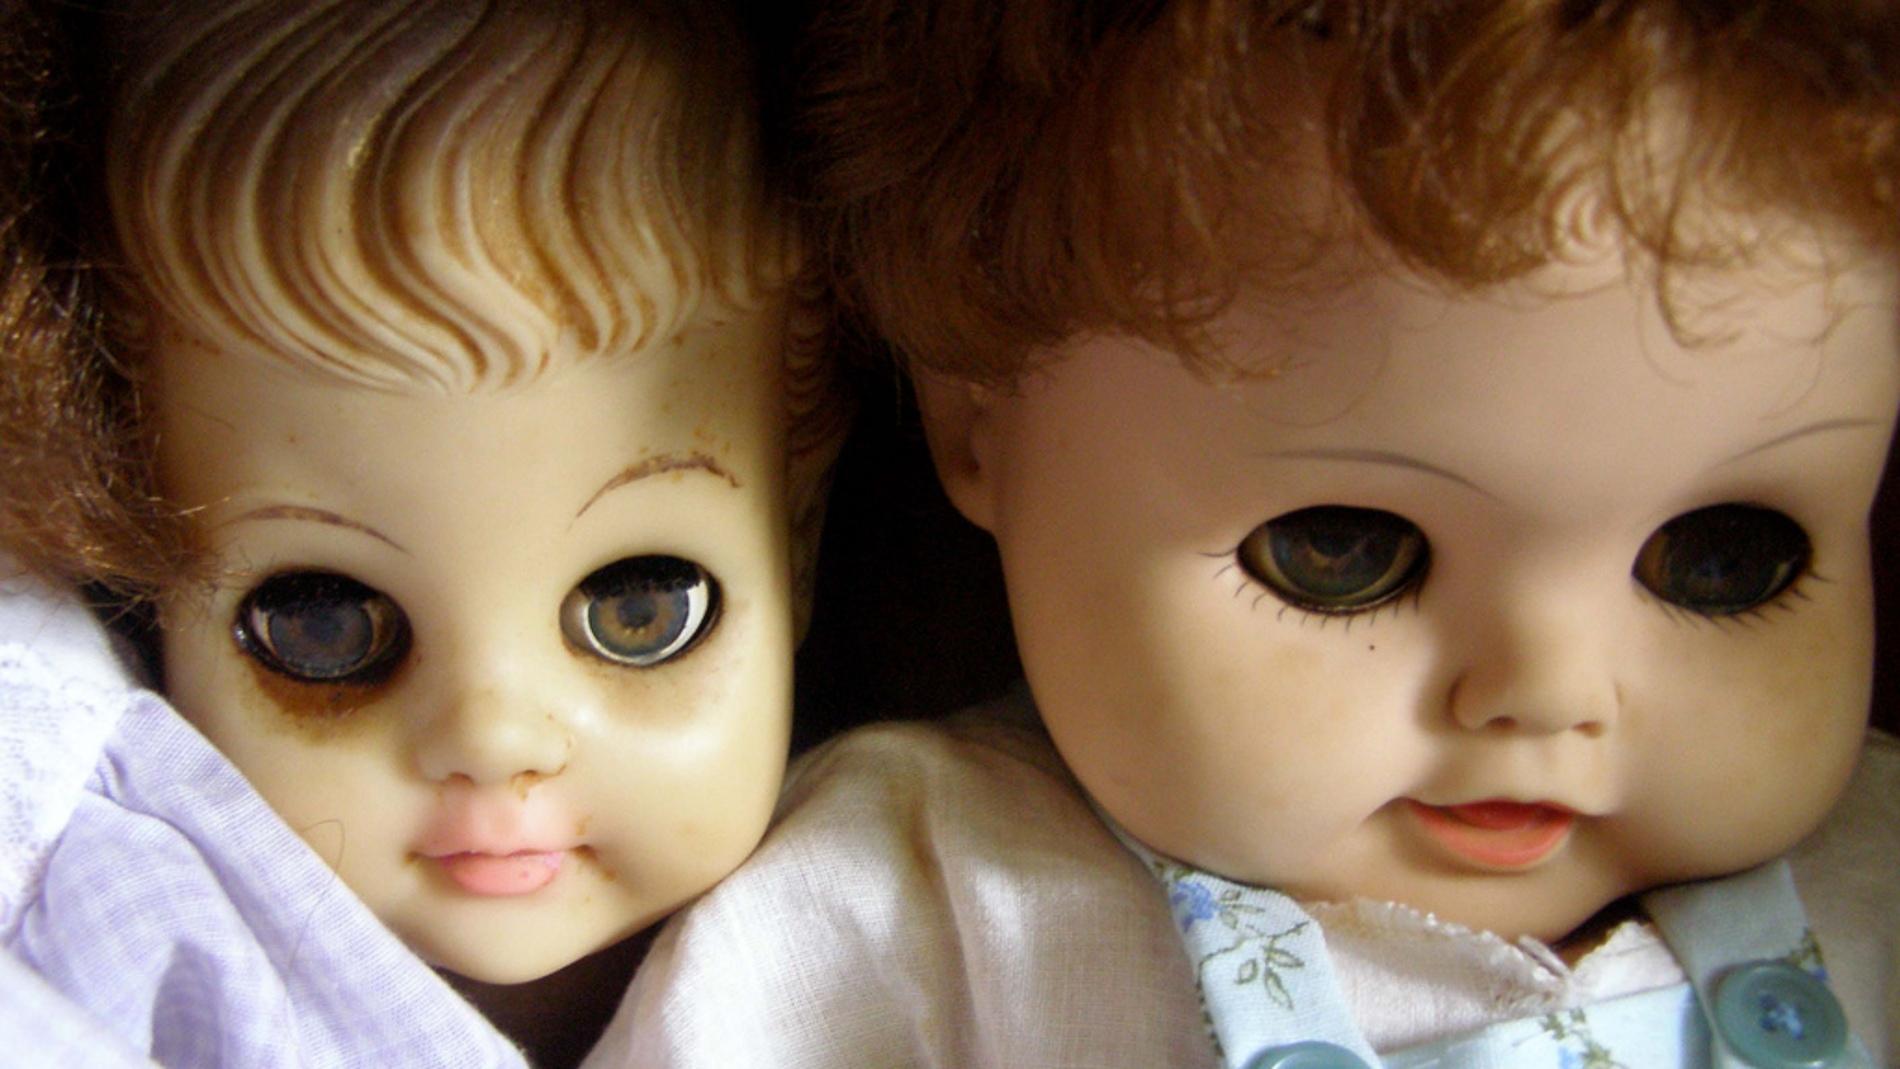 Algunas muñecas dan mucho miedo, ¿por qué si son inocuas?